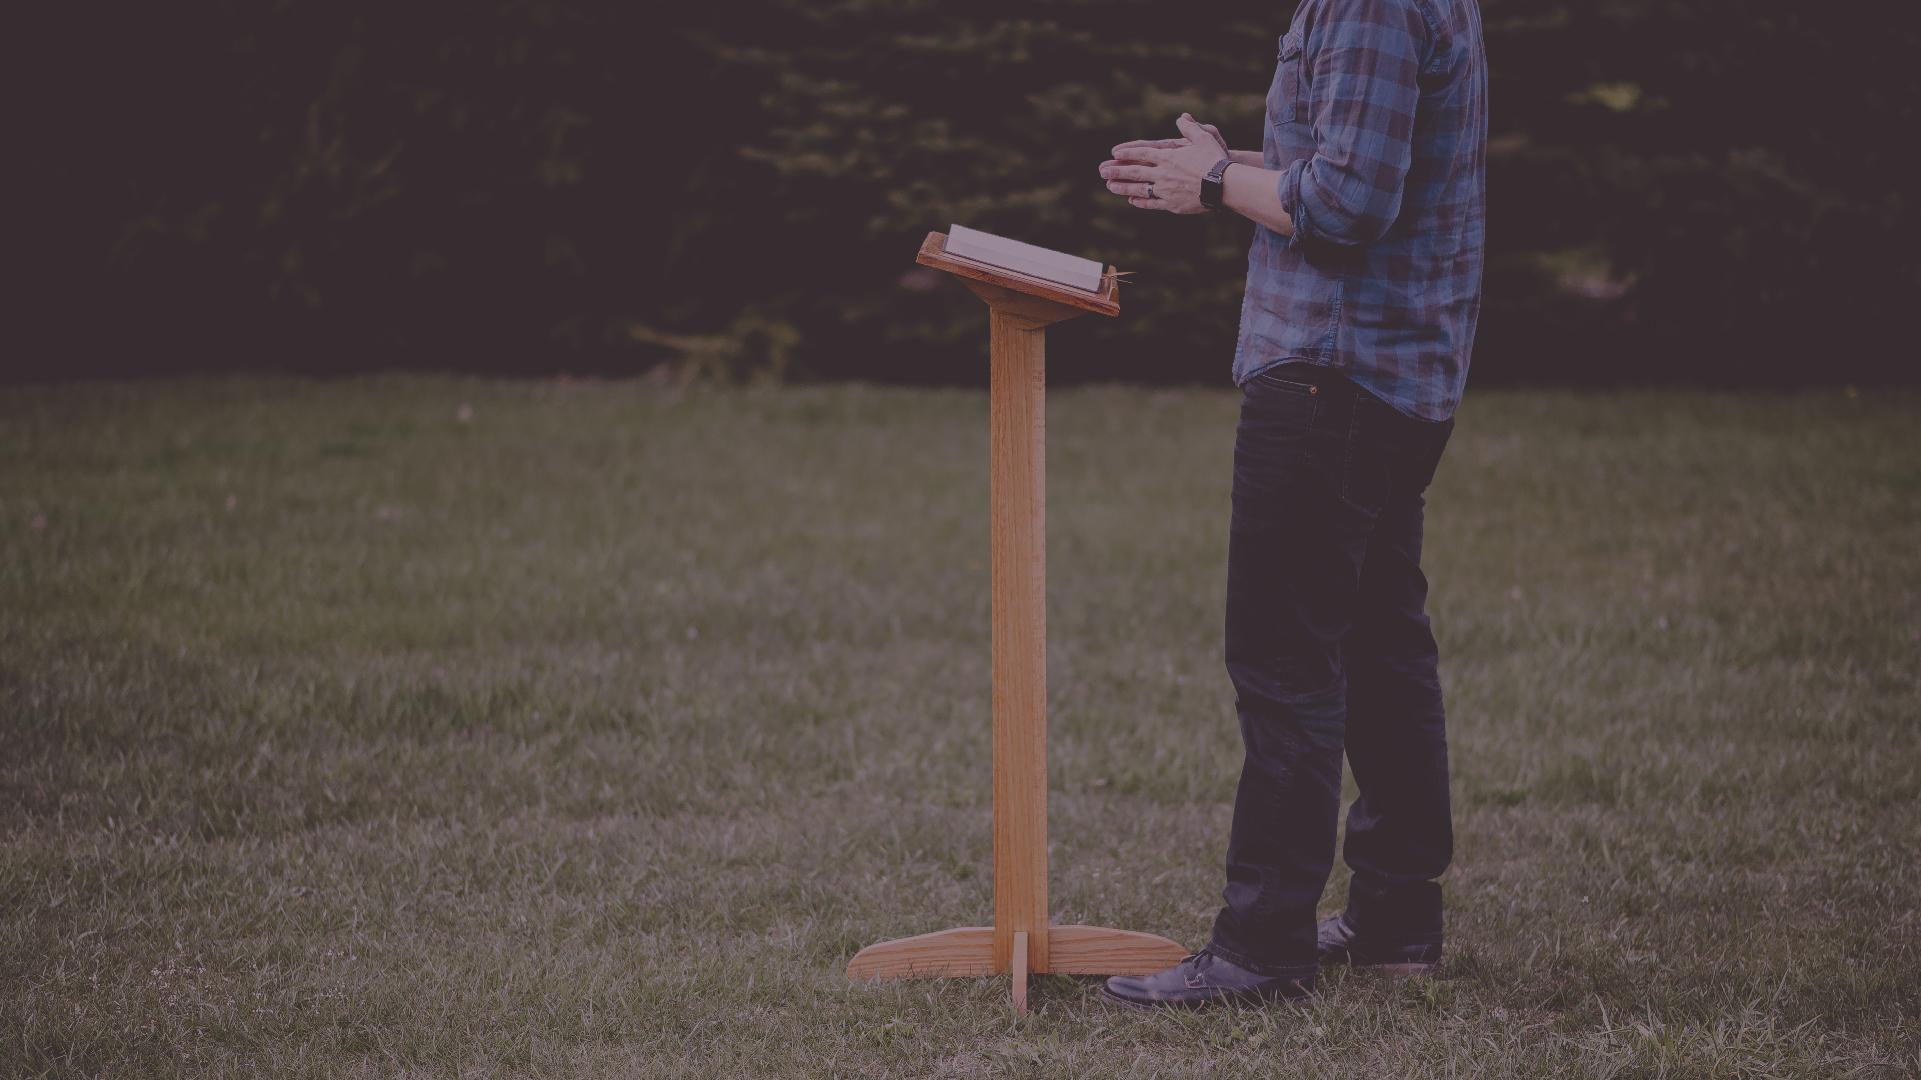 Artículos | ¿Cómo mantenerte fiel en medio de las pruebas? Reflexionando en Daniel 1